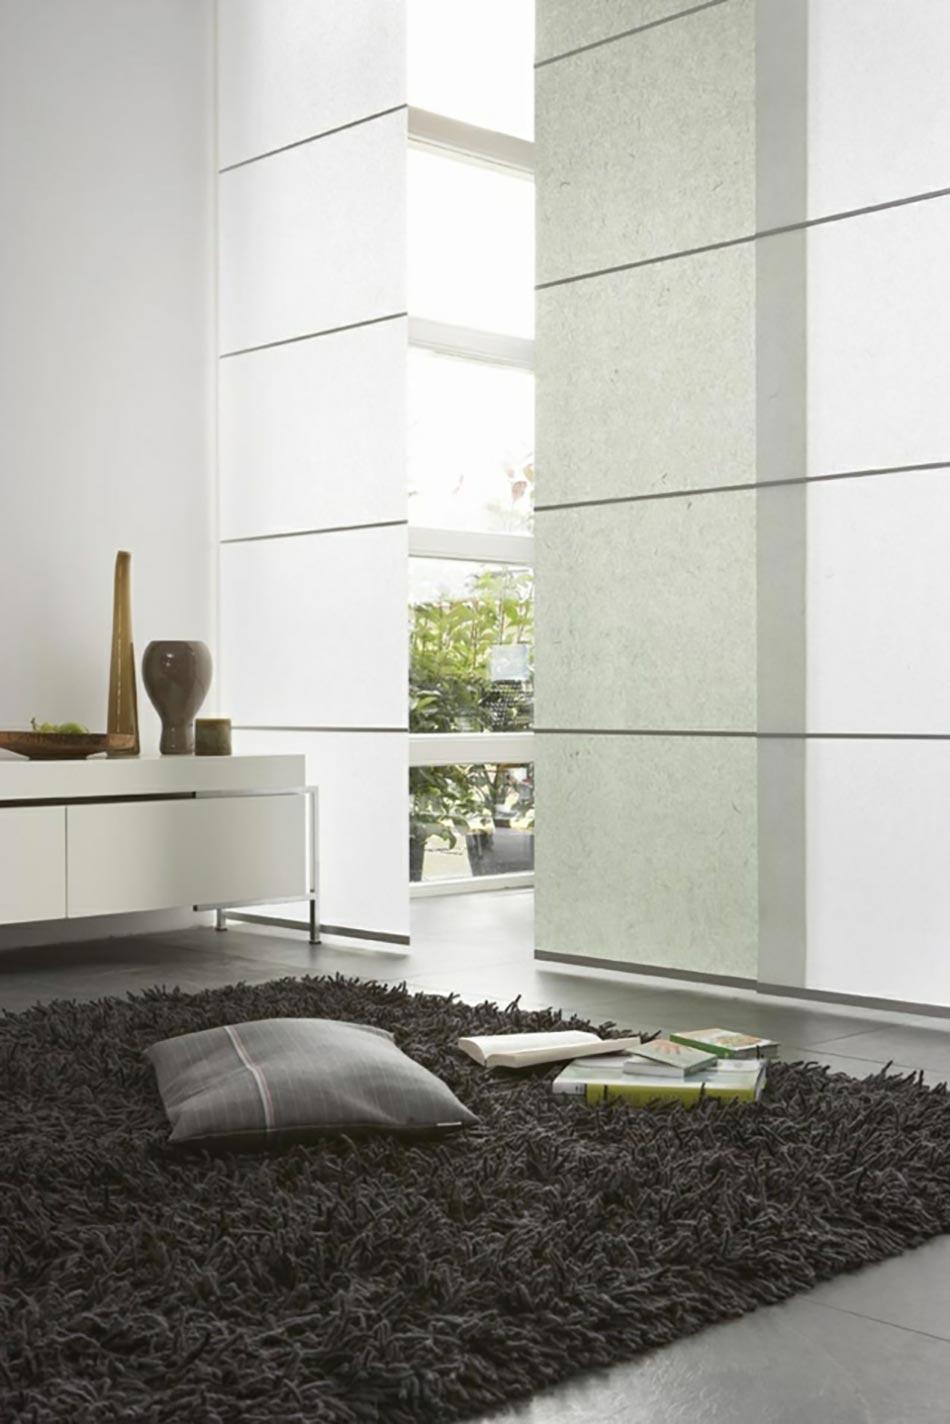 Panneaux japonais pour une ambiance d'intérieur unique  Design ...